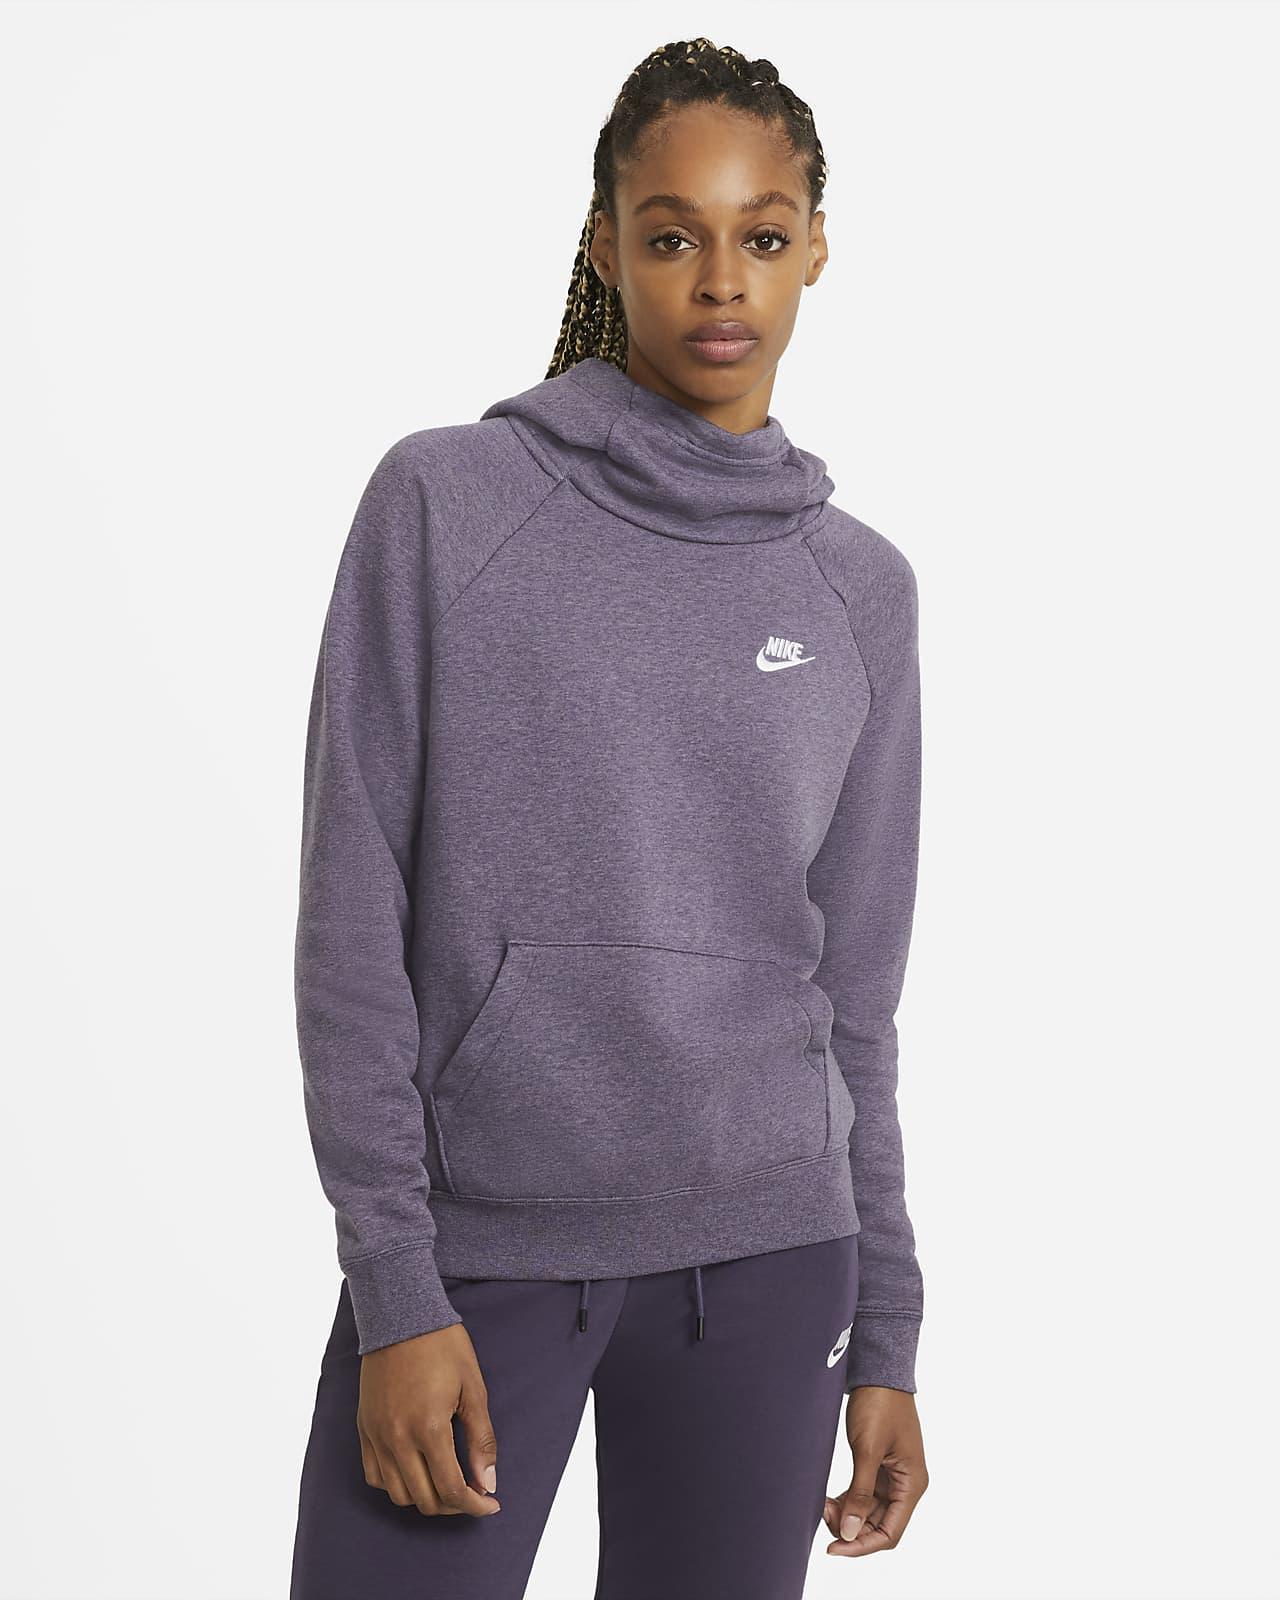 Nike Sportswear Essential Women's Funnel-Neck Fleece Pullover Hoodie